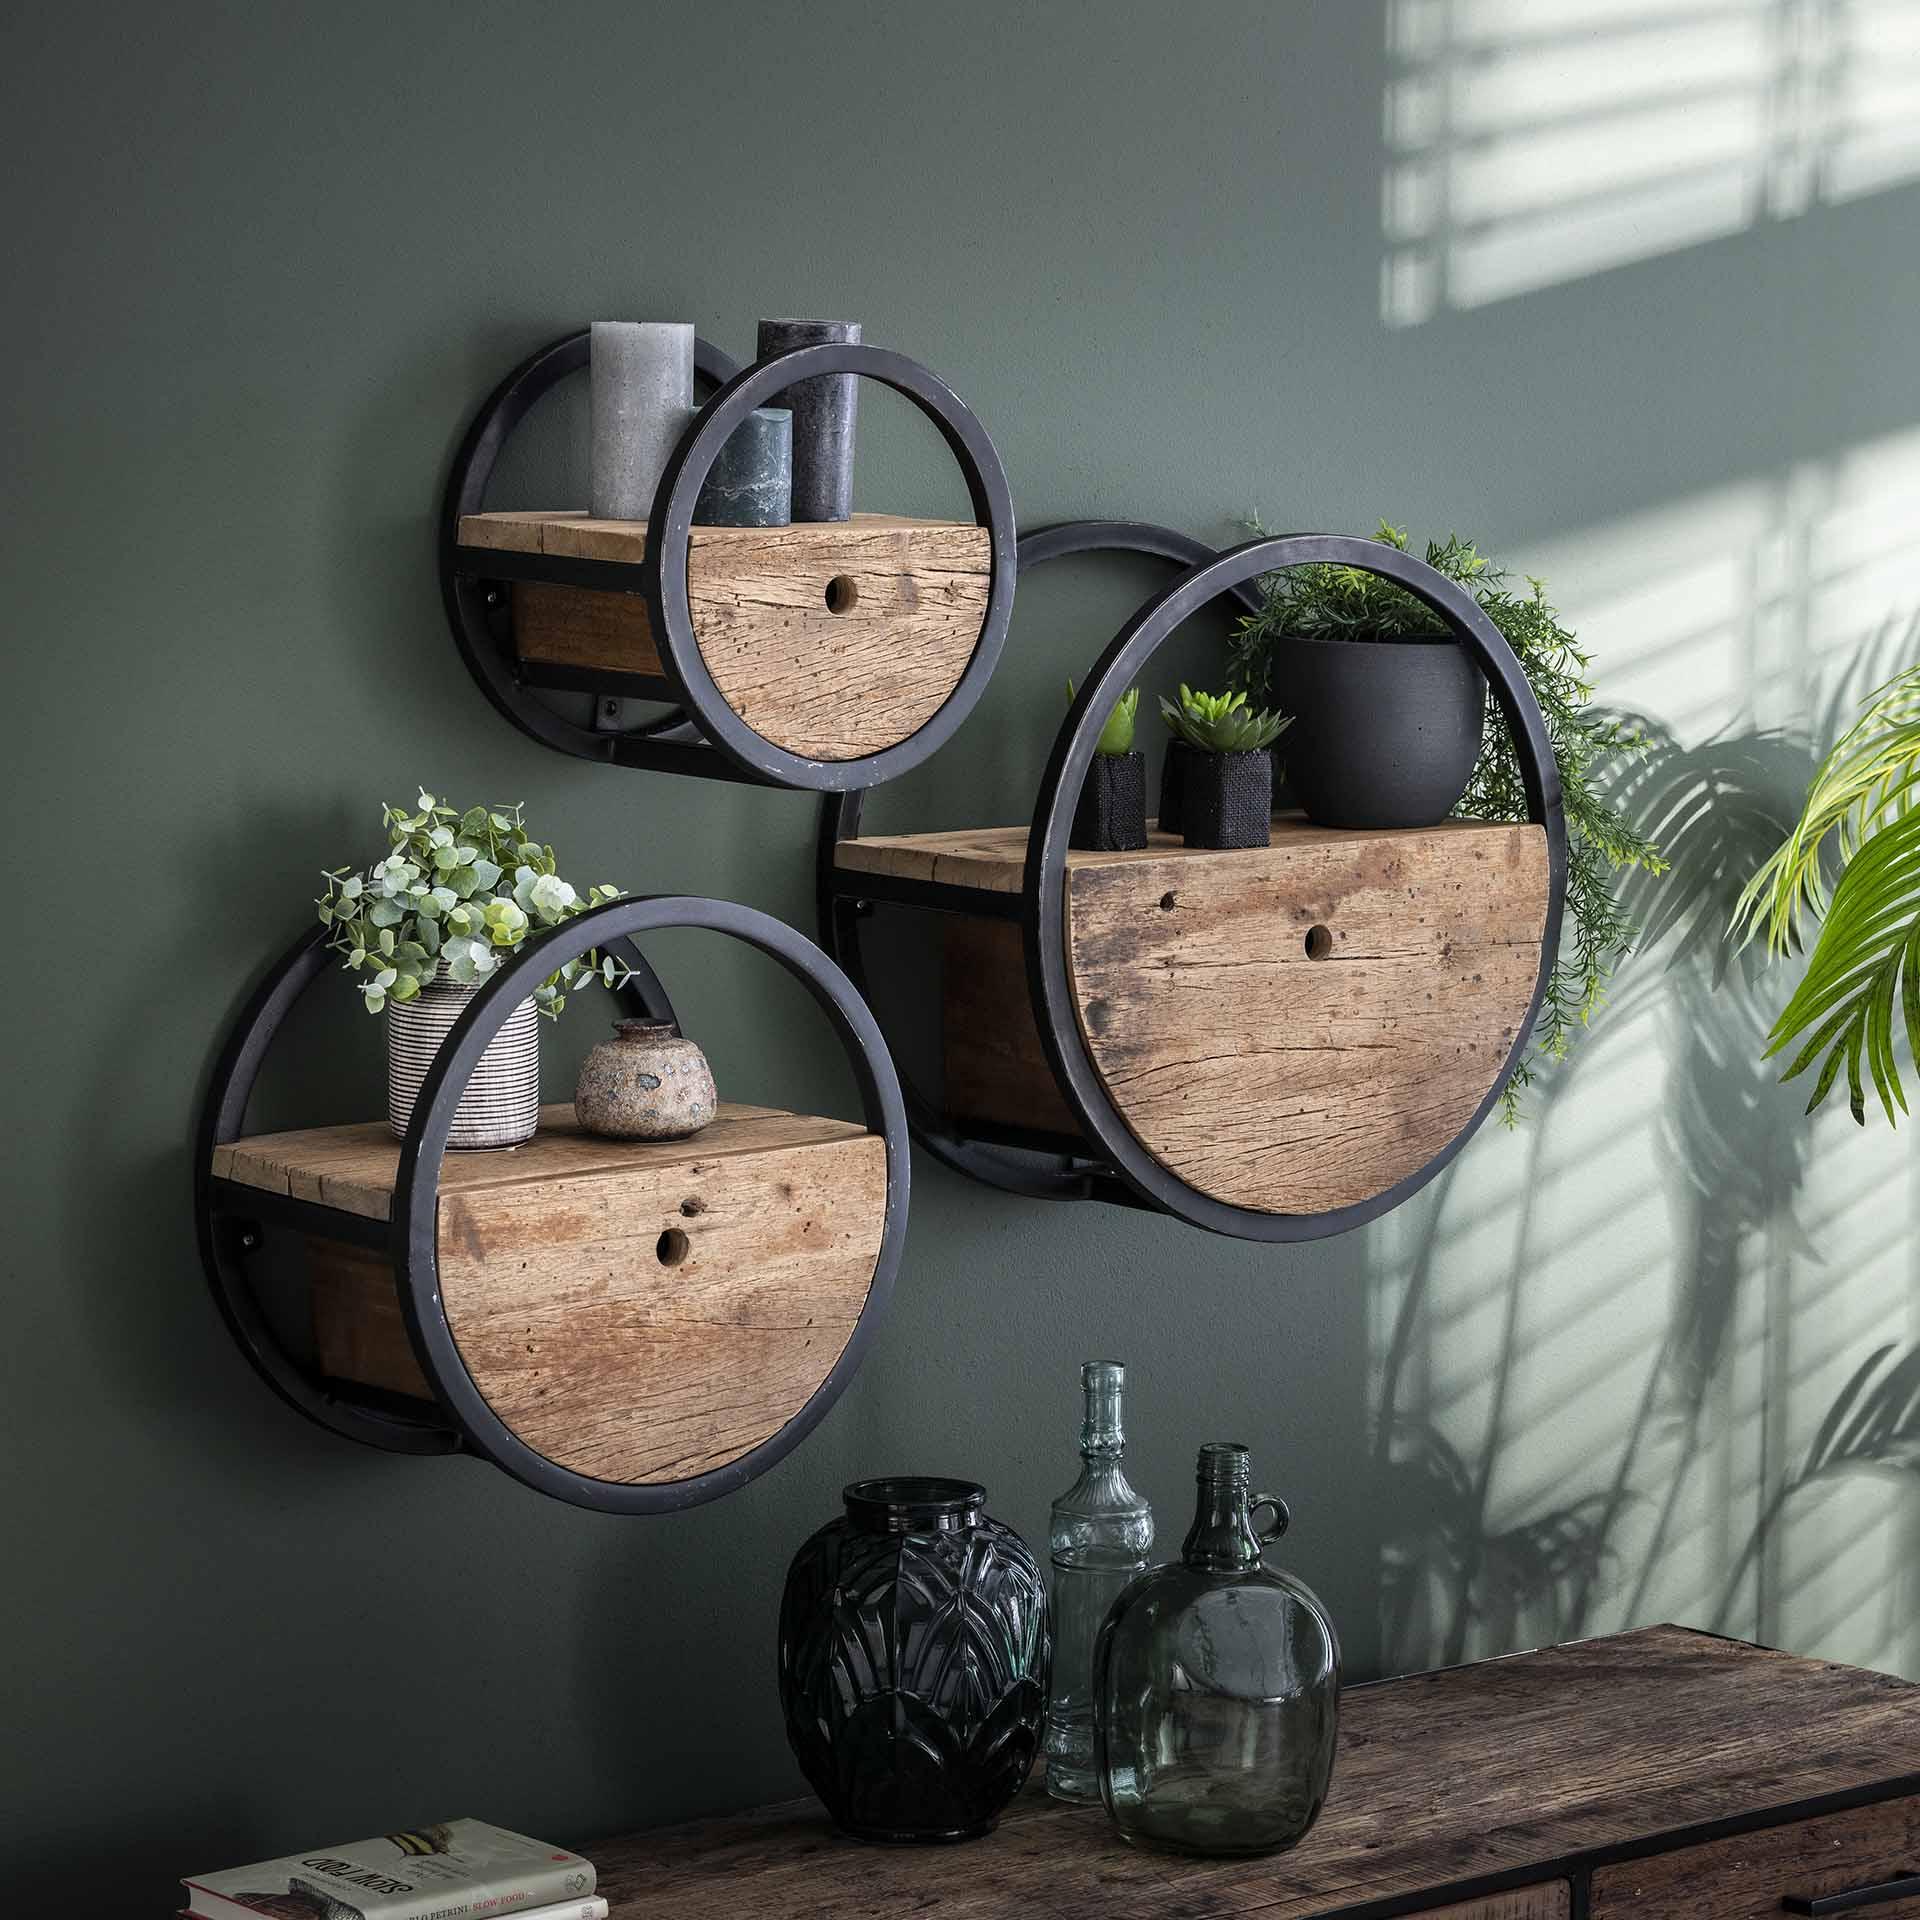 etagere murale ronde bois recycle brut 1 tiroir d50 cm cyclades etageres murales pier import